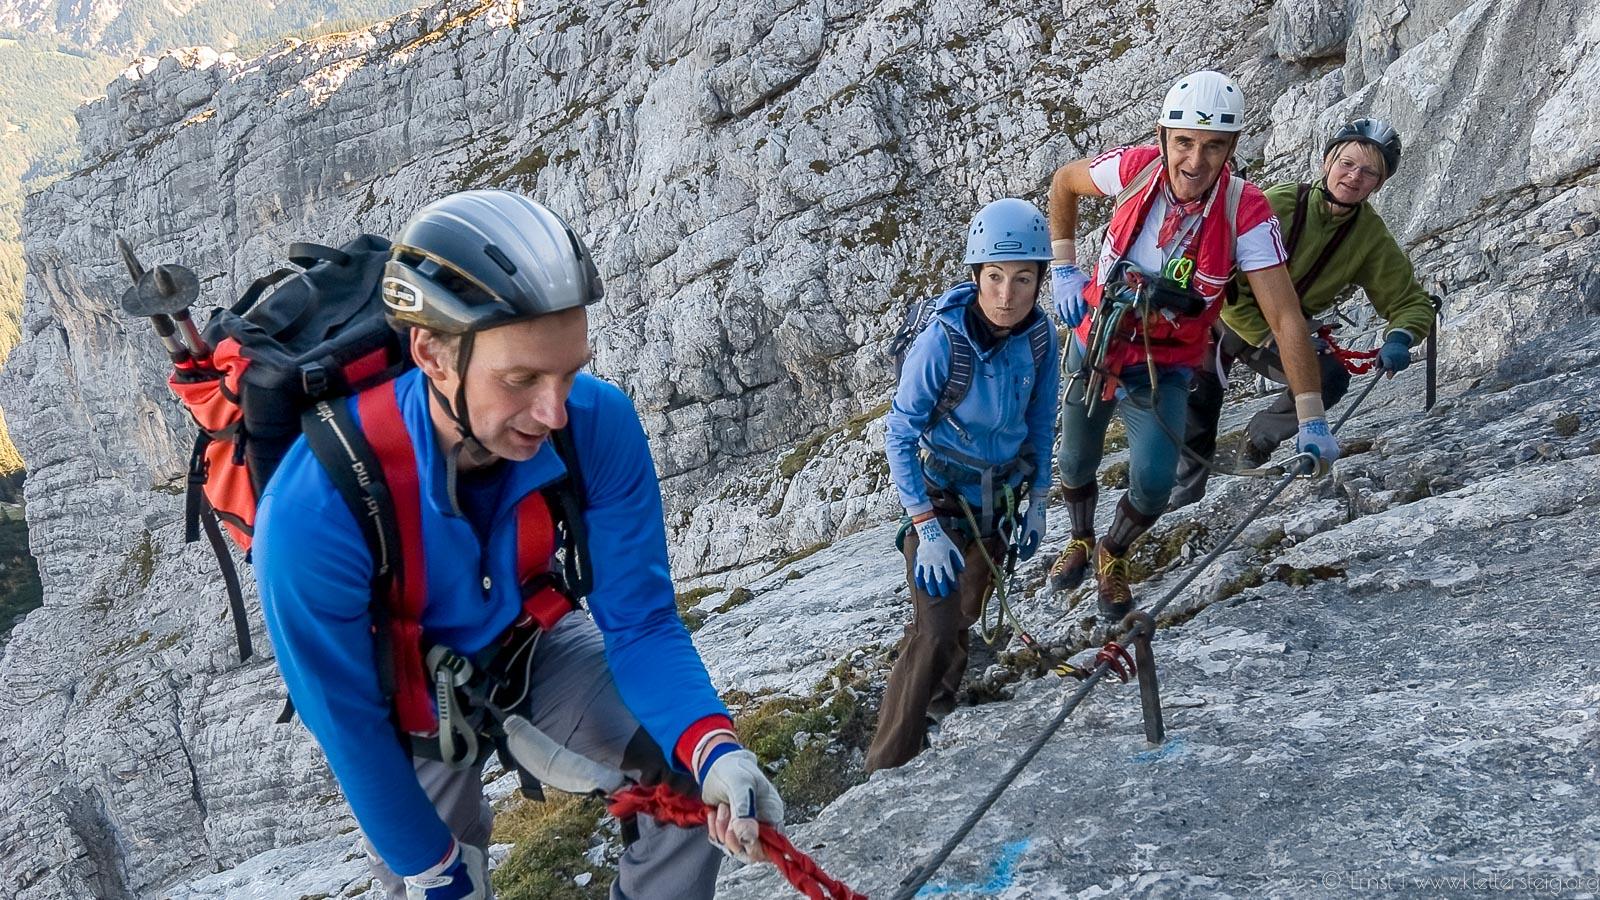 Maulerläufer Klettersteig Garmisch / Oktober 2009